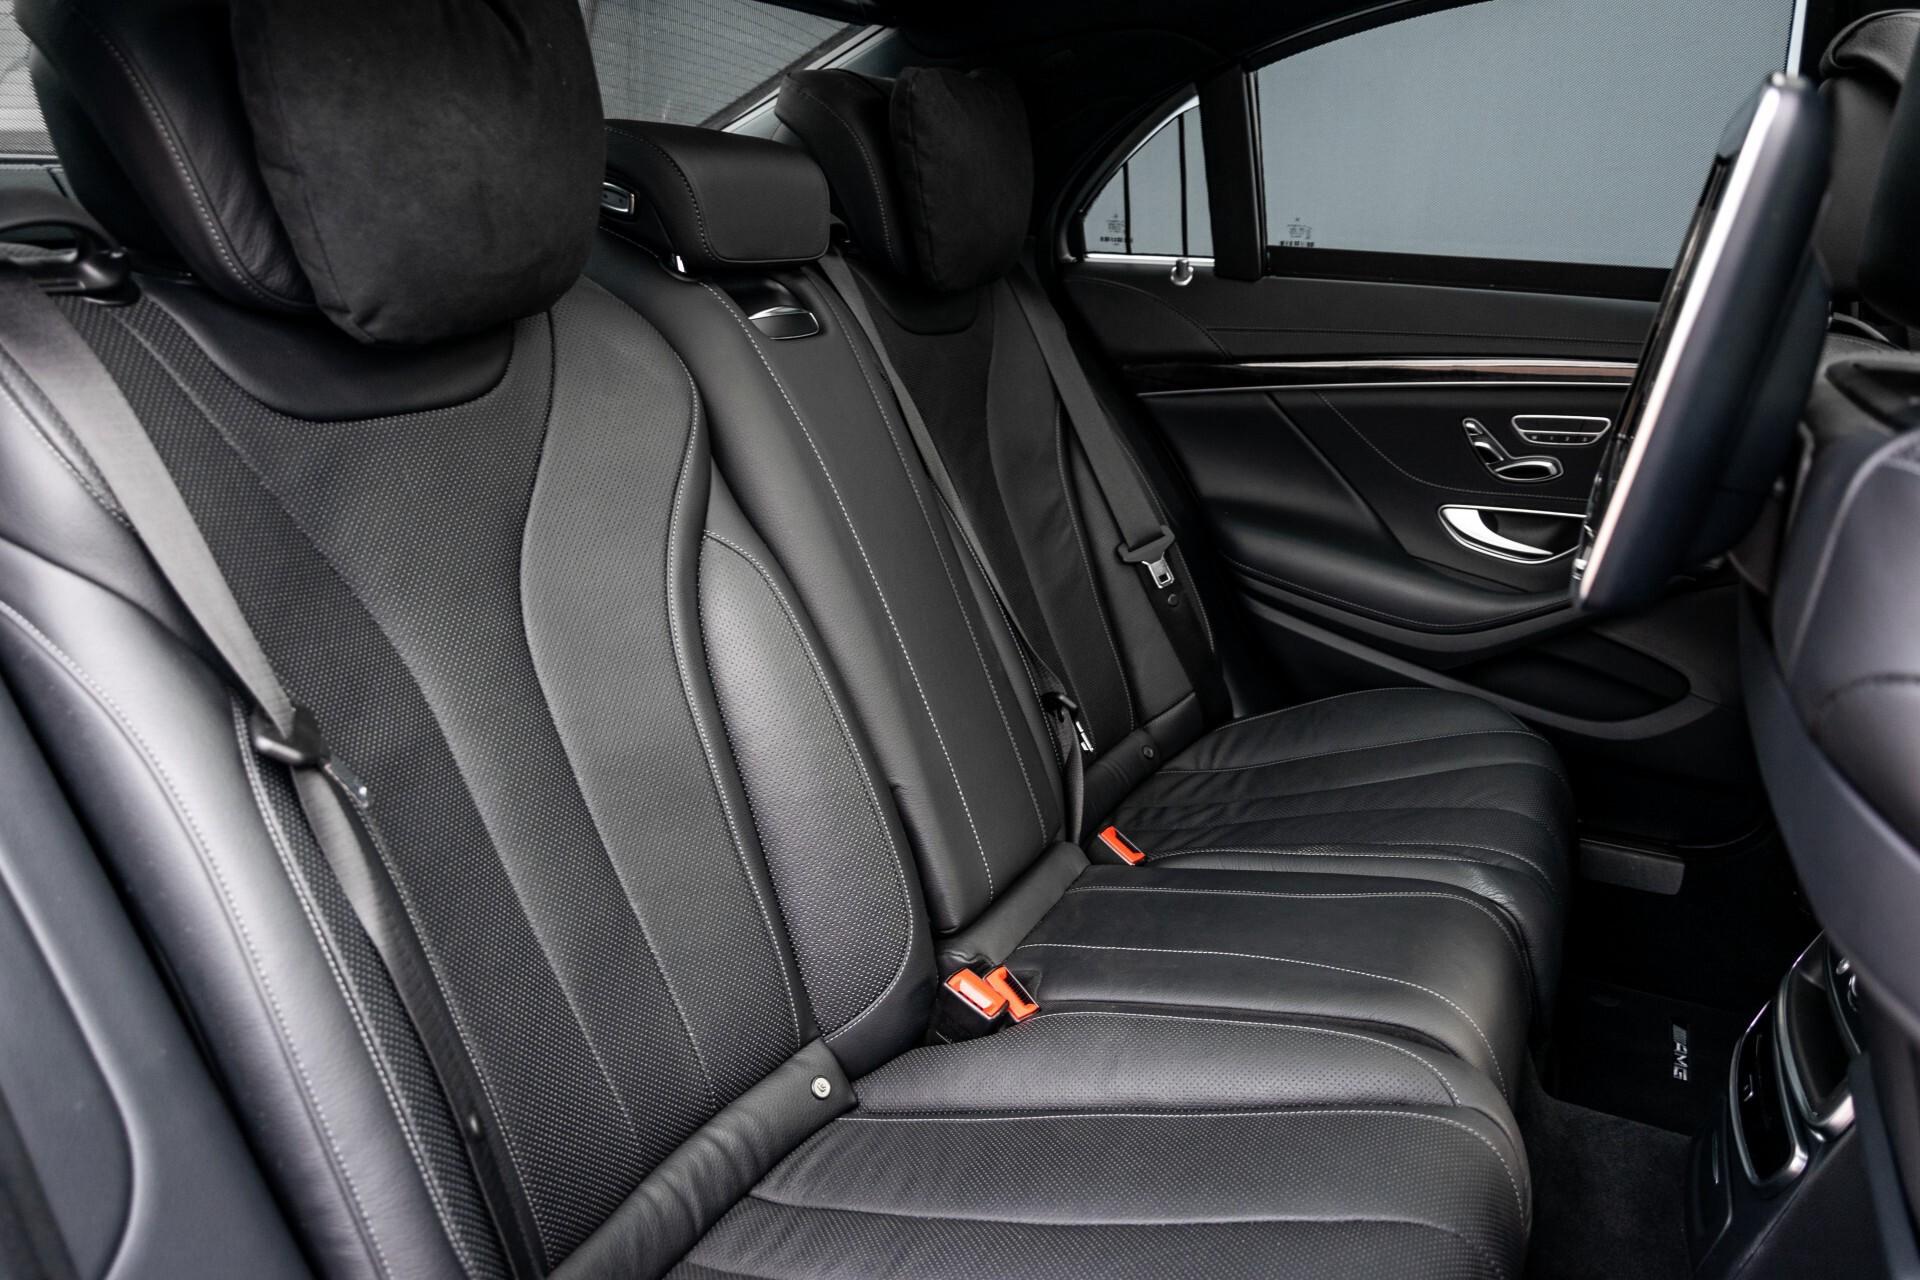 Mercedes-Benz S-Klasse 400 Hybrid AMG Entertainment/Rij-assistentie/Panorama Aut7 Foto 4